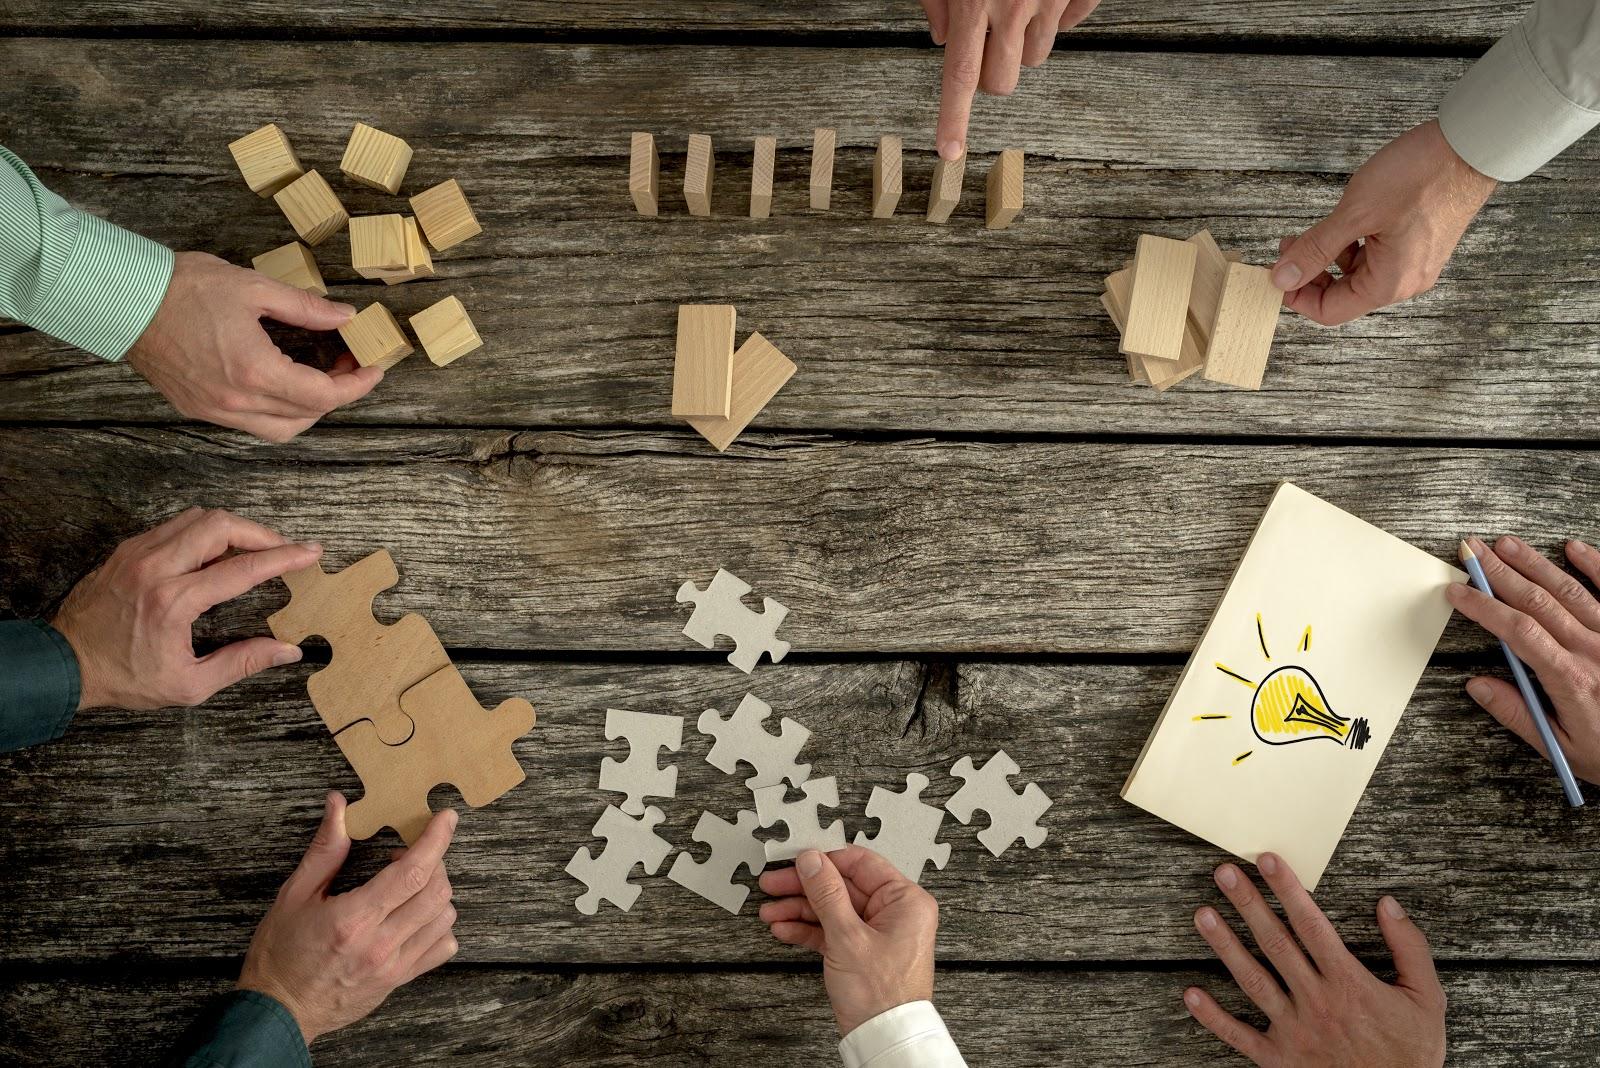 Qu'est-ce que la planification stratégique